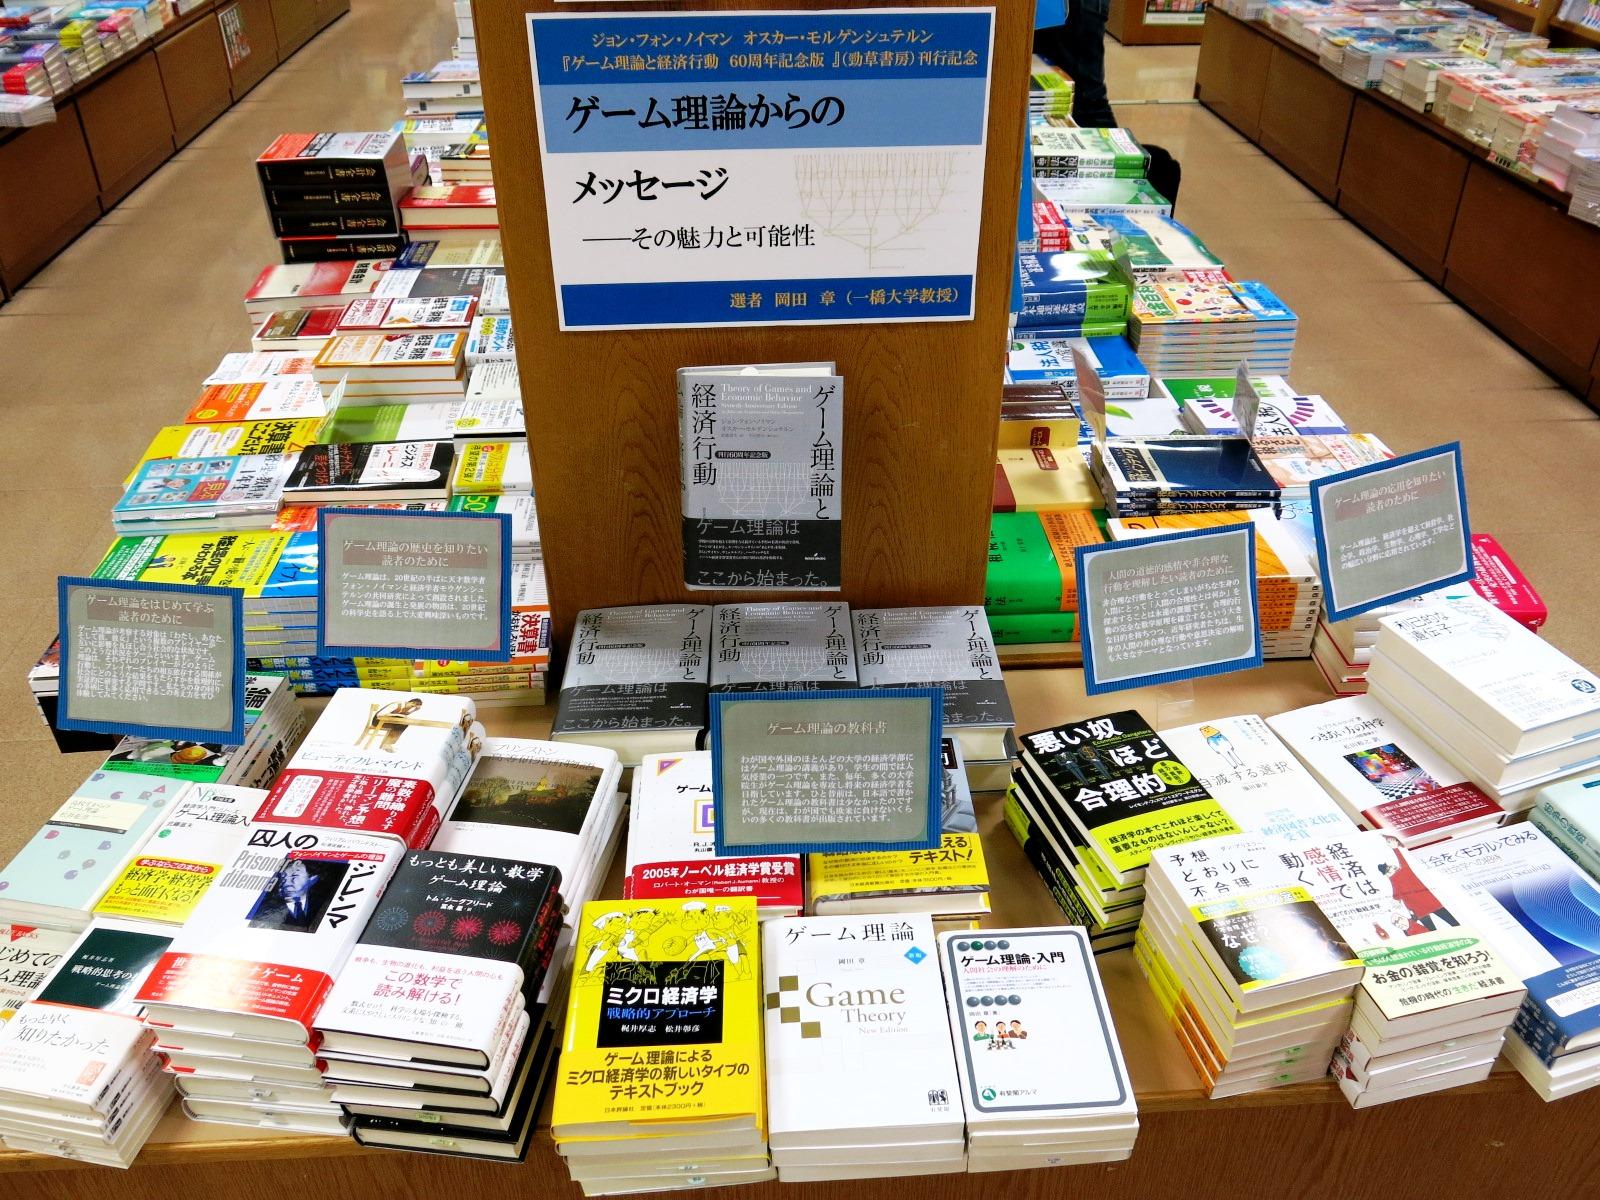 『ゲーム理論からのメッセージ』 紀伊國屋書店新宿南店様